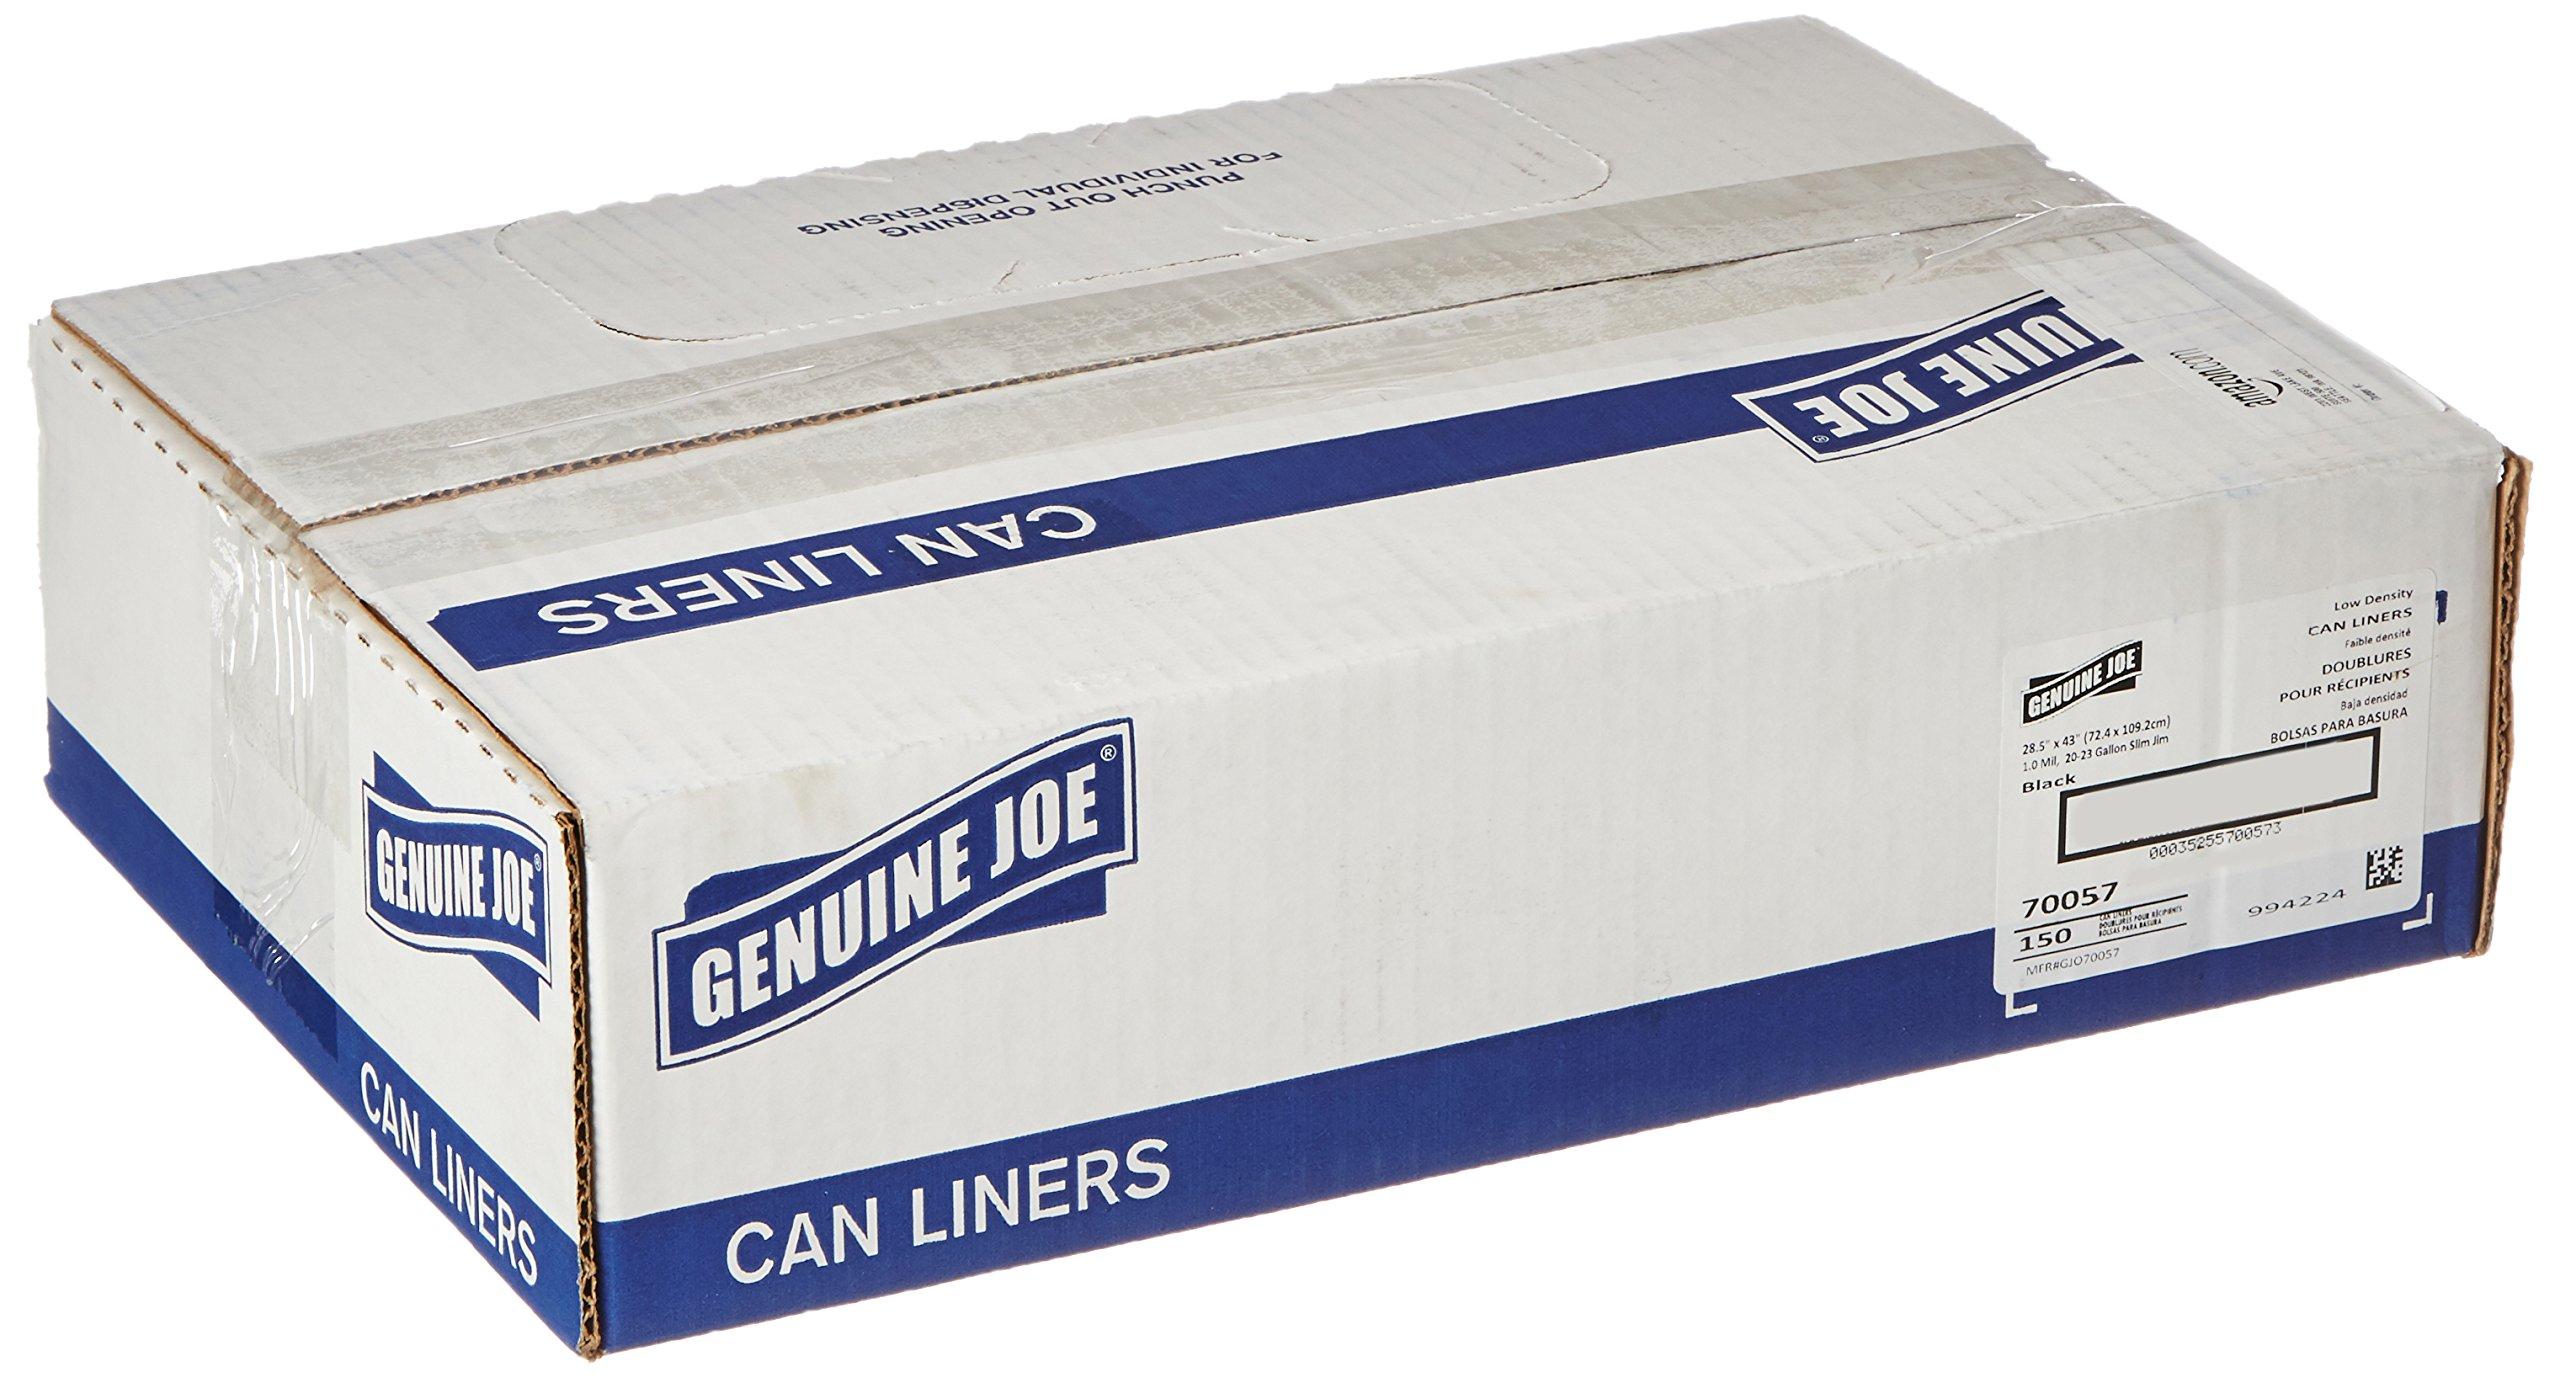 Genuine Joe Slim Jim Can Liners by Genuine Joe